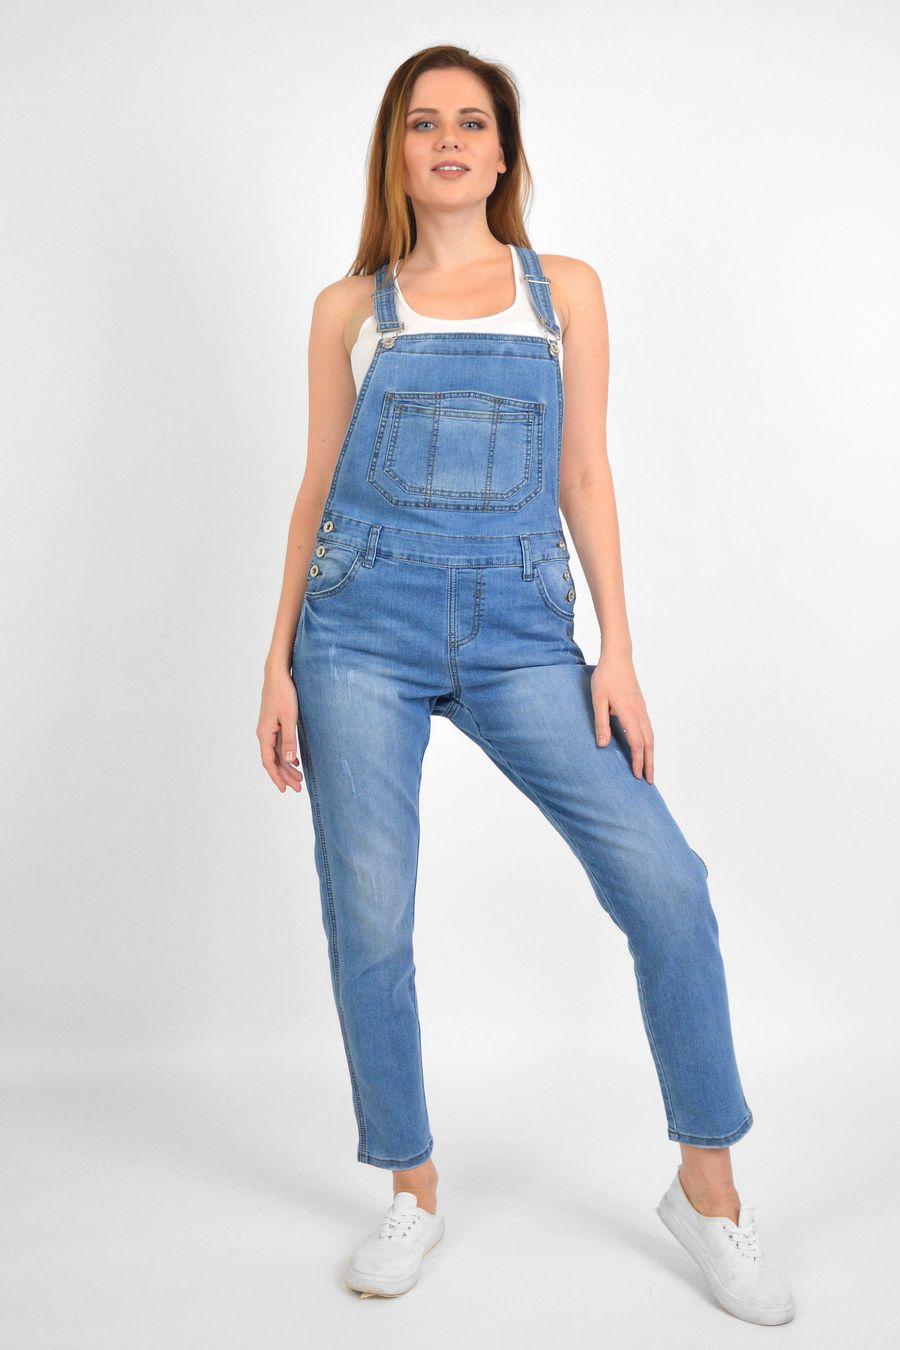 Комбинезон женский Baccino 3041 джинсовый - фото 2